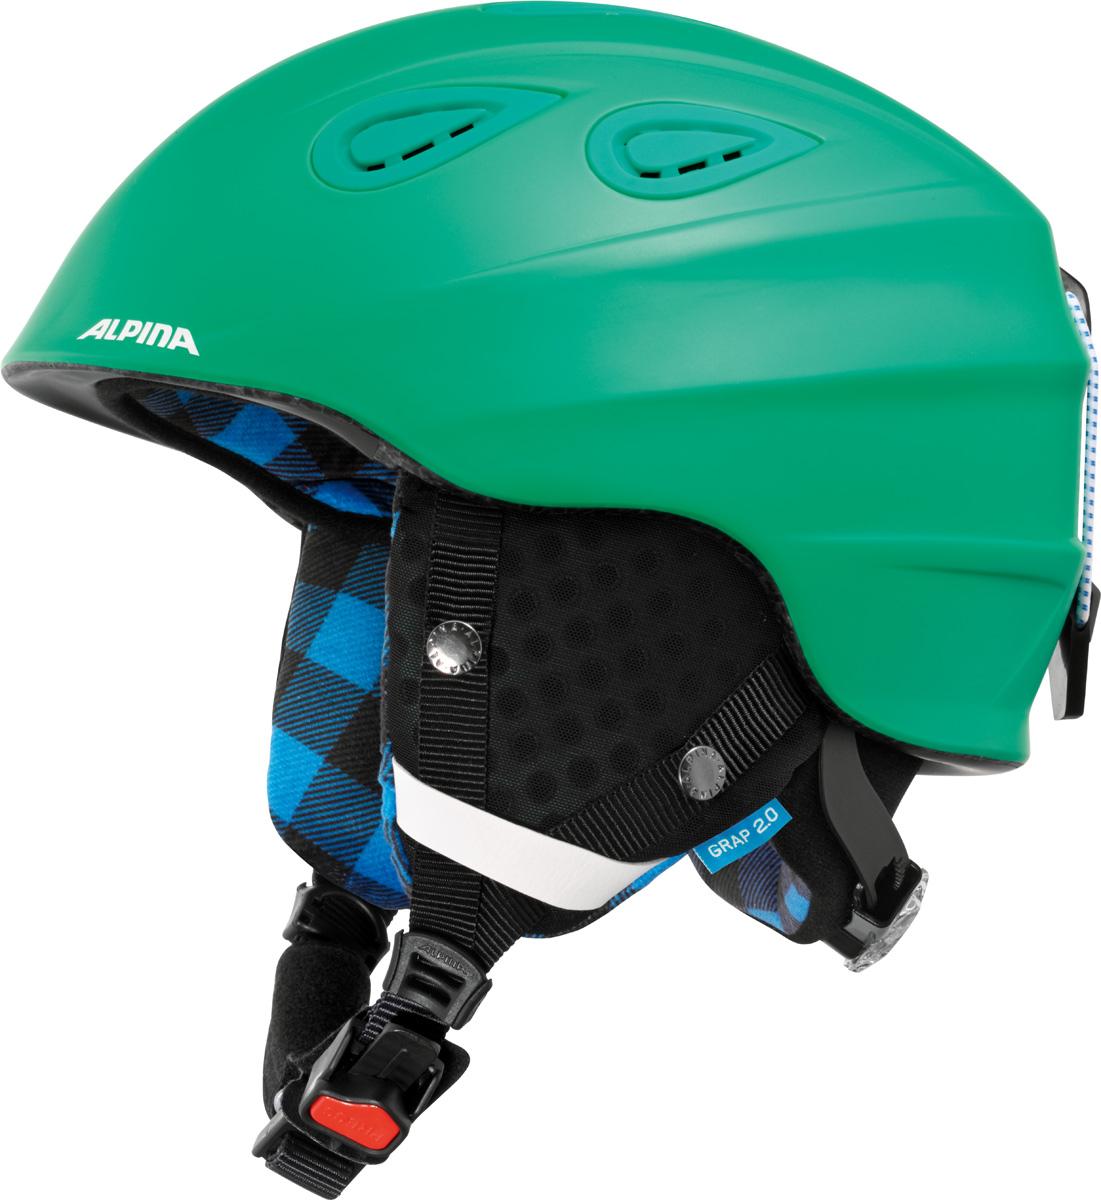 Шлем горнолыжный Alpina Grap 2.0, цвет: зеленый. A9085_72. Размер 57-61A9085_72Во всем мире популярность горнолыжного шлема Grap лишь набирает обороты. Alpina представляет обновленную версию самой продаваемой модели. Шлем Grap 2.0 сохранил отличительные особенности предыдущей модели и приобрел новые, за которые его выбирают райдеры по всему миру. Универсальность, легкость и прочность сделали его обязательным элементом экипировки любителей горнолыжного спорта. Модель также представлена в детской линейке шлемов. Технологии: Конструкция In-Mold - соединение внутреннего слоя из EPS (вспененного полистирола) с внешним покрытием под большим давлением в условиях высокой температуры. В результате внешняя поликарбонатная оболочка сохраняет форму конструкции, предотвращая поломку и попадание осколков внутрь шлема, а внутренний слой Hi-EPS, состоящий из множества наполненных воздухом гранул, амортизирует ударную волну, защищая голову райдера от повреждений. Внешнее покрытие Ceramic Shell обеспечивает повышенную ударопрочность и износостойкость, а также обладает защитой от УФ-излучений, препятствующей выгоранию на солнце, и антистатичными свойствами. Съемный внутренний тканевый слой. Подкладку можно постирать и легко вставить обратно. Своевременный уход за внутренником предотвращает появление неприятного запаха. Вентиляционная система с раздвижным механизмом с возможностью регулировки интенсивности потока воздуха. Классическая система регулировки в шлемах Alpina Run System с регулировочным кольцом на затылке позволяет быстро и легко подобрать оптимальную и комфортную плотность посадки на голове. Съемные ушки согревают в холодную погоду, а в теплую компактно хранятся в кармане куртки. Шейный воротник из микрофлиса в задней части шлема быстро согревает и не давит на шею. Ремешок фиксируется кнопкой с запирающим механизмом. Застежка максимально удобна для использования в перчатках. Система Edge Protect в конструкции шлема защищает голову горнолыжника при боковом ударе. Система Y-C